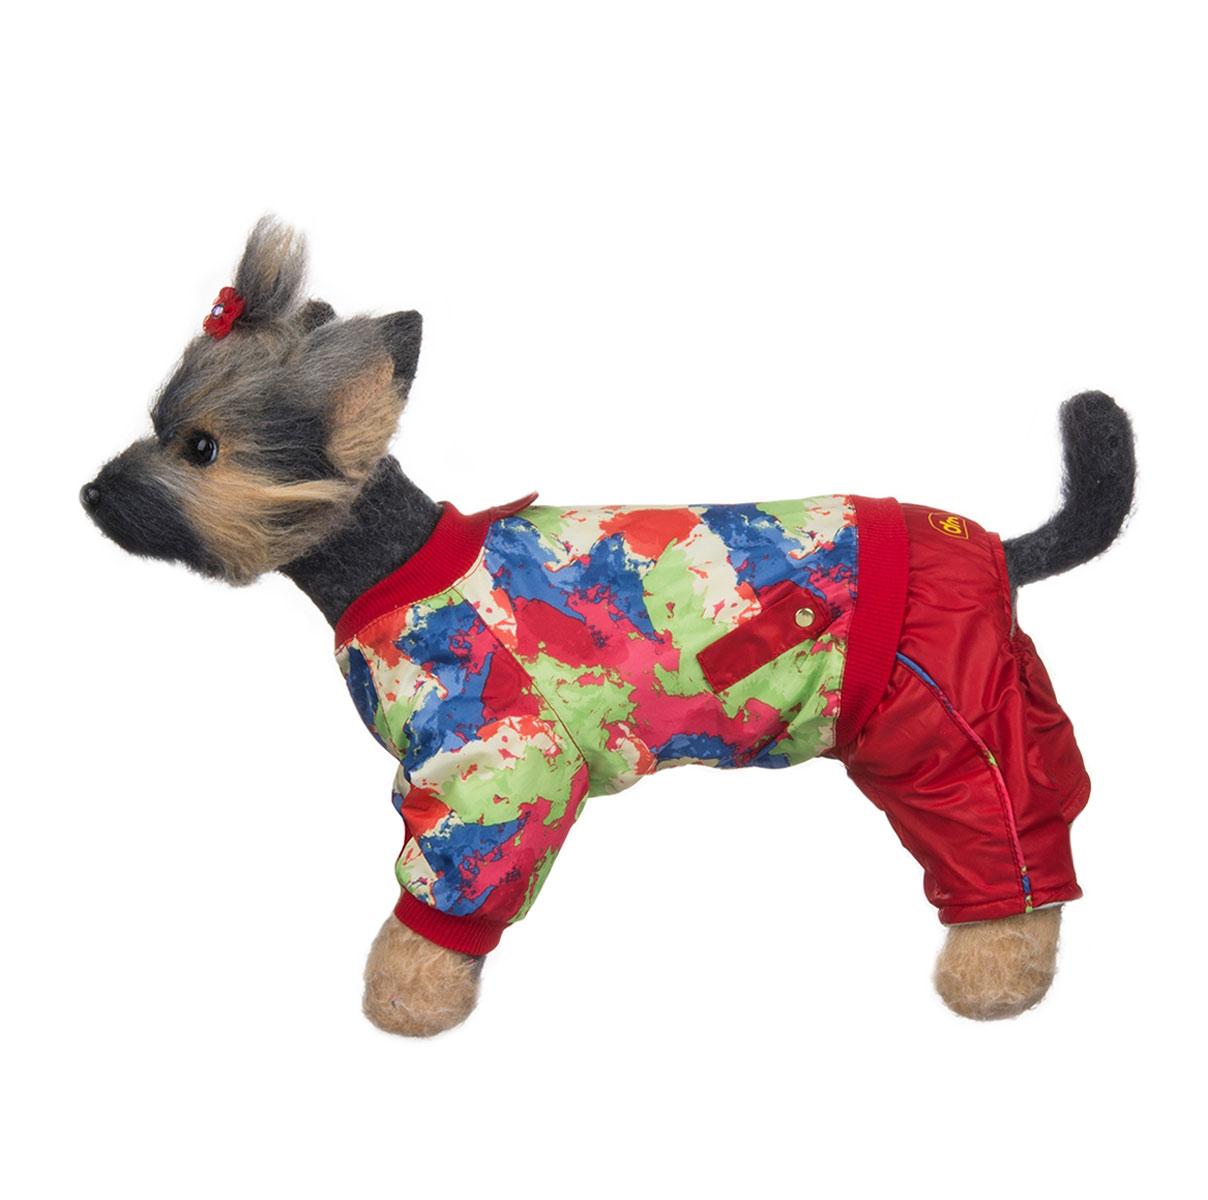 Комбинезон для собак Dogmoda Акварель, для девочки, цвет: красный, синий, зеленый. Размер 1 (S)DM-150311-1Комбинезон для собак Dogmoda Акварель отлично подойдет для прогулок поздней осенью или ранней весной. Комбинезон изготовлен из полиэстера, защищающего от ветра и осадков, с подкладкой из флиса, которая сохранит тепло и обеспечит отличный воздухообмен. Комбинезон застегивается на кнопки, благодаря чему его легко надевать и снимать. Ворот, низ рукавов оснащены широкими трикотажными манжетами, которые мягко обхватывают шею и лапки, не позволяя просачиваться холодному воздуху. На пояснице комбинезон декорирован трикотажной резинкой. Благодаря такому комбинезону простуда не грозит вашему питомцу и он не даст любимцу продрогнуть на прогулке.